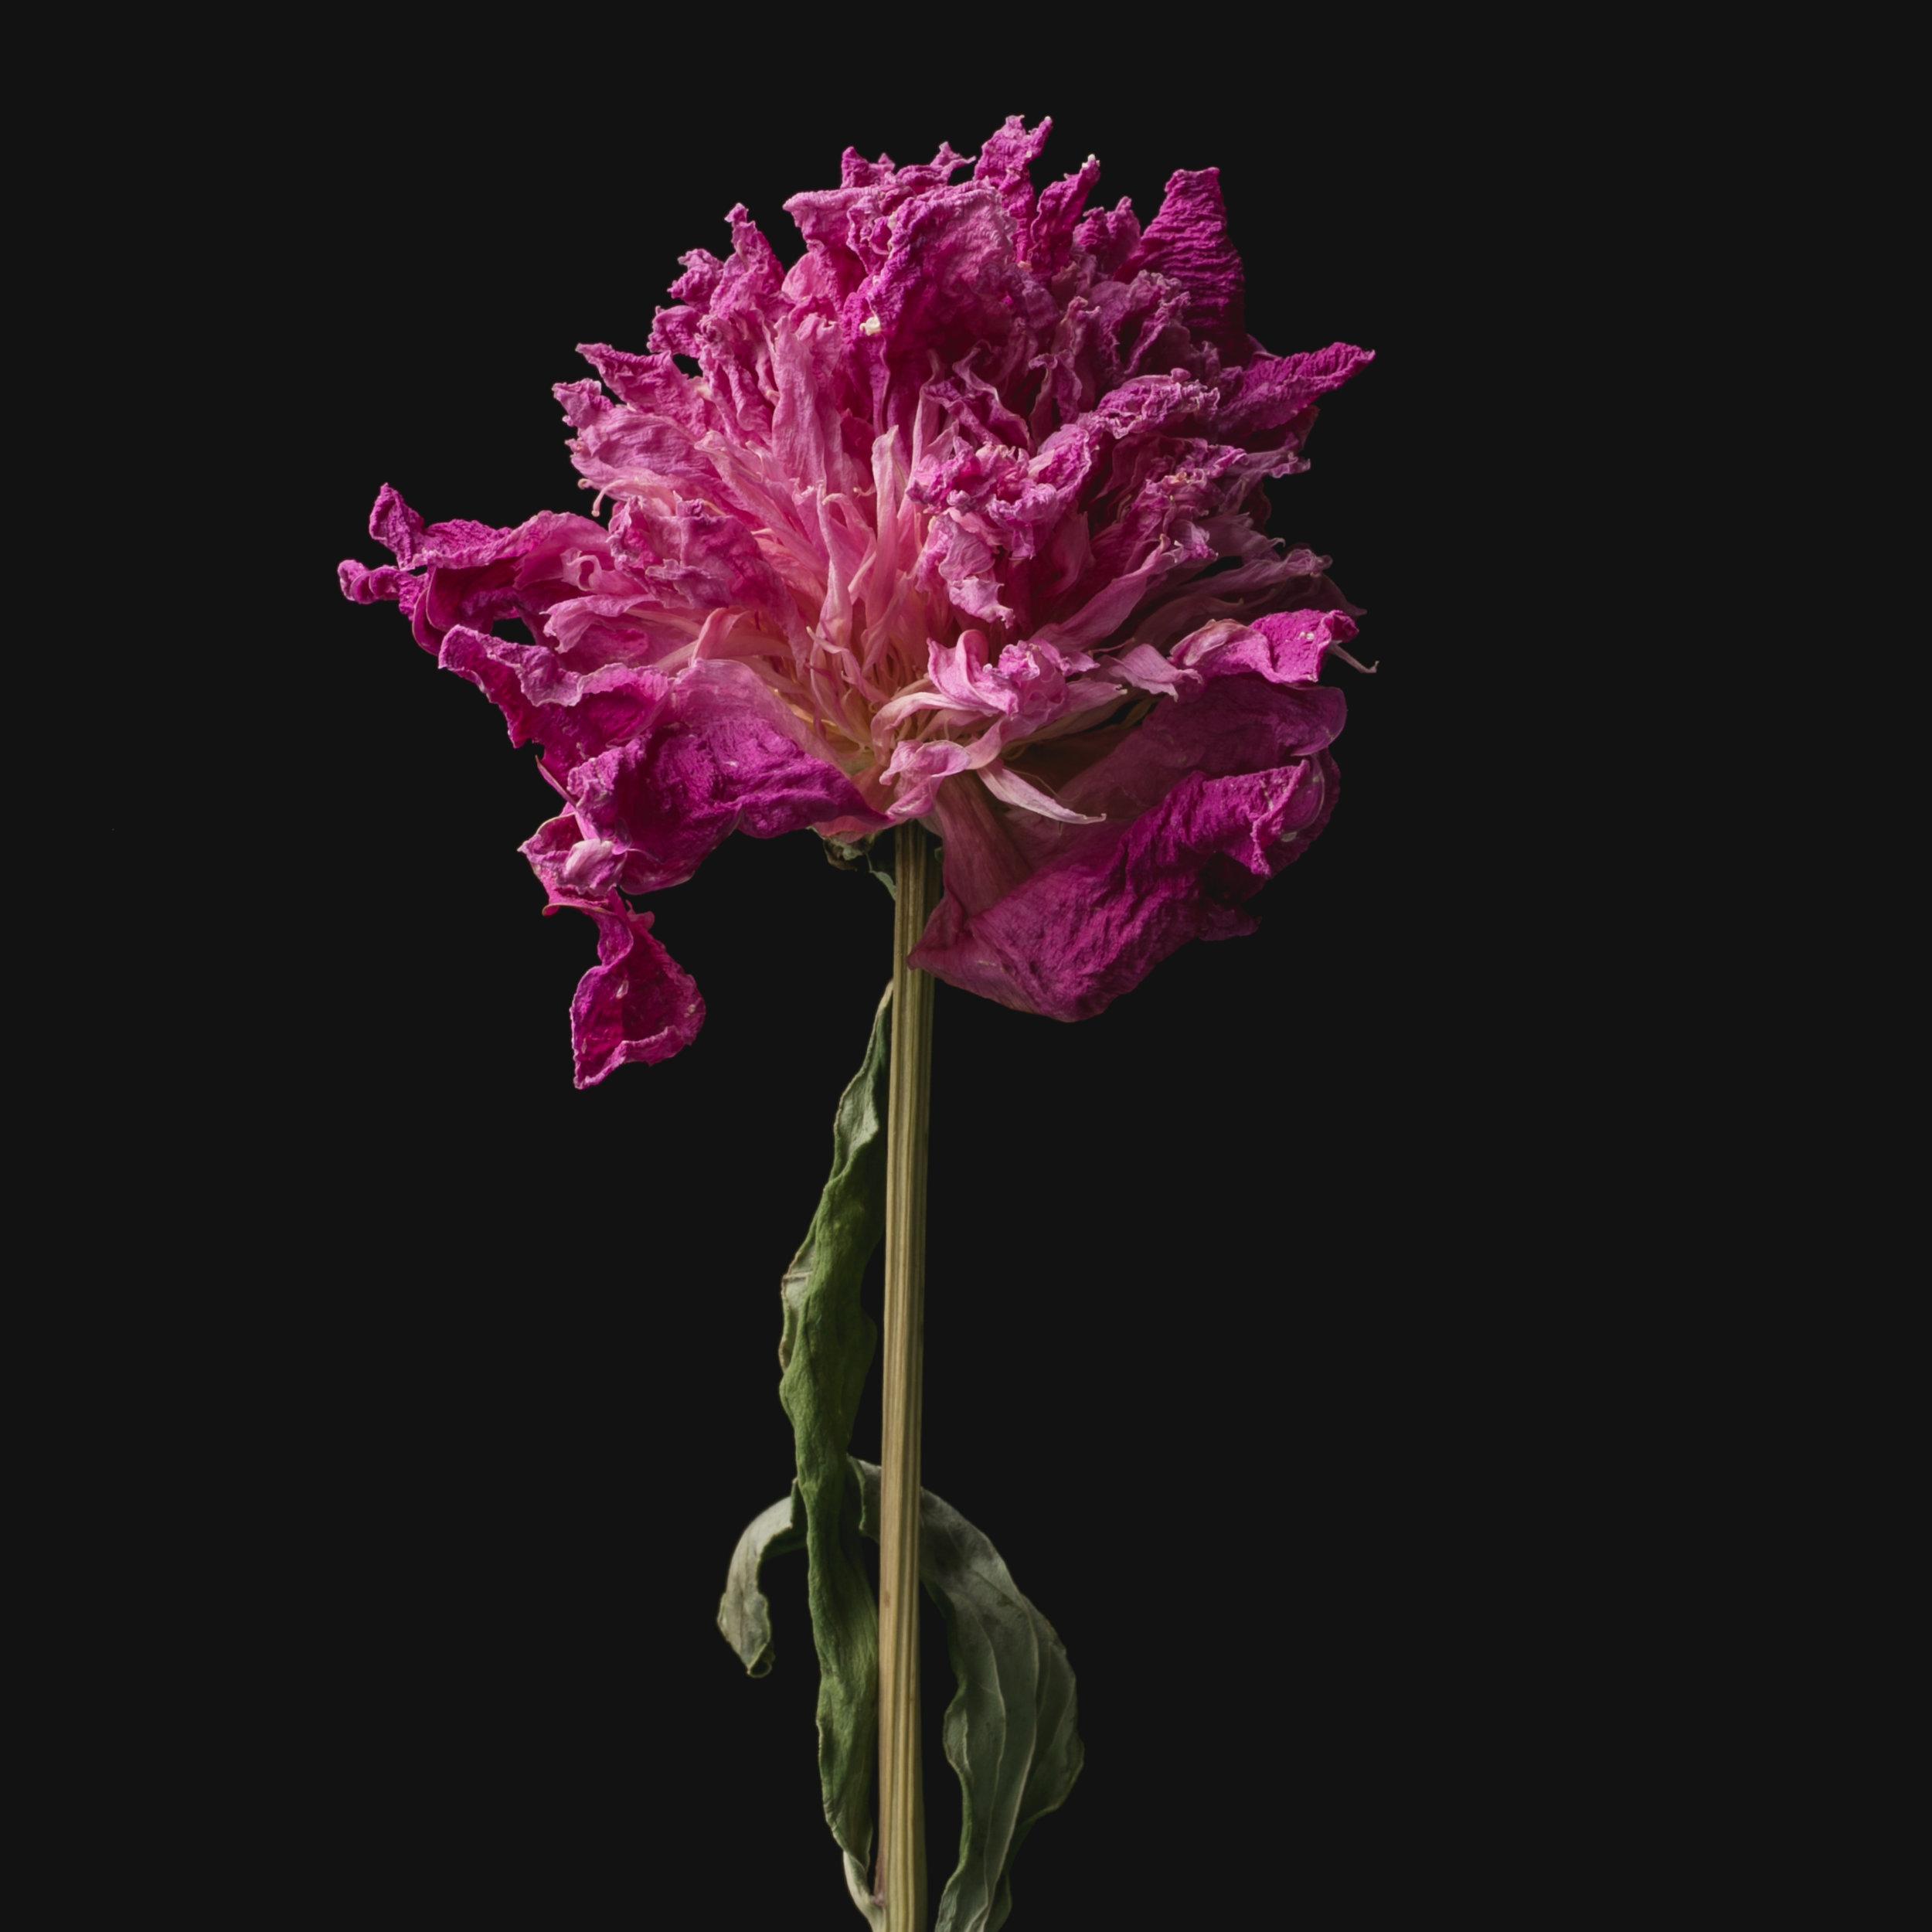 Flowers-062.JPG